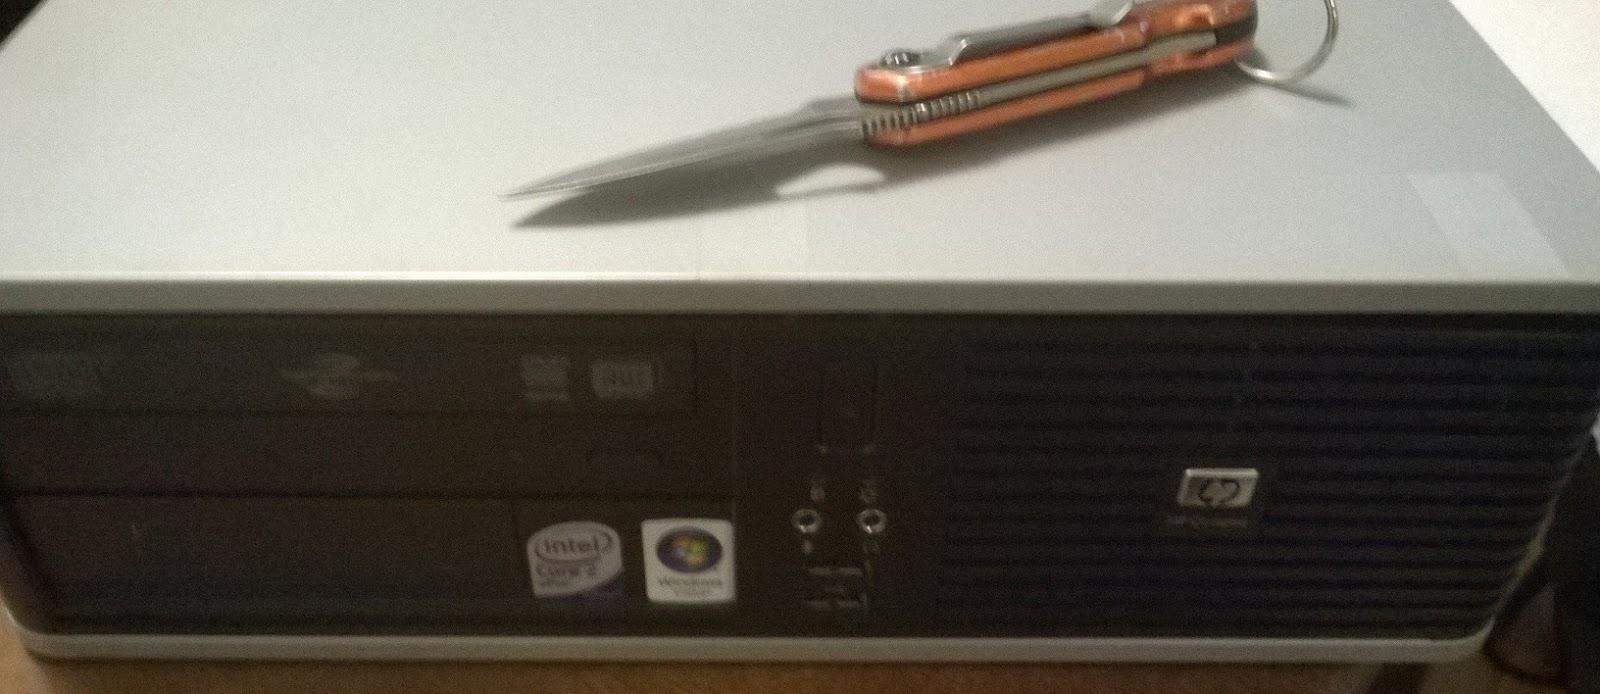 Dell Optiplex 360 Driverscape